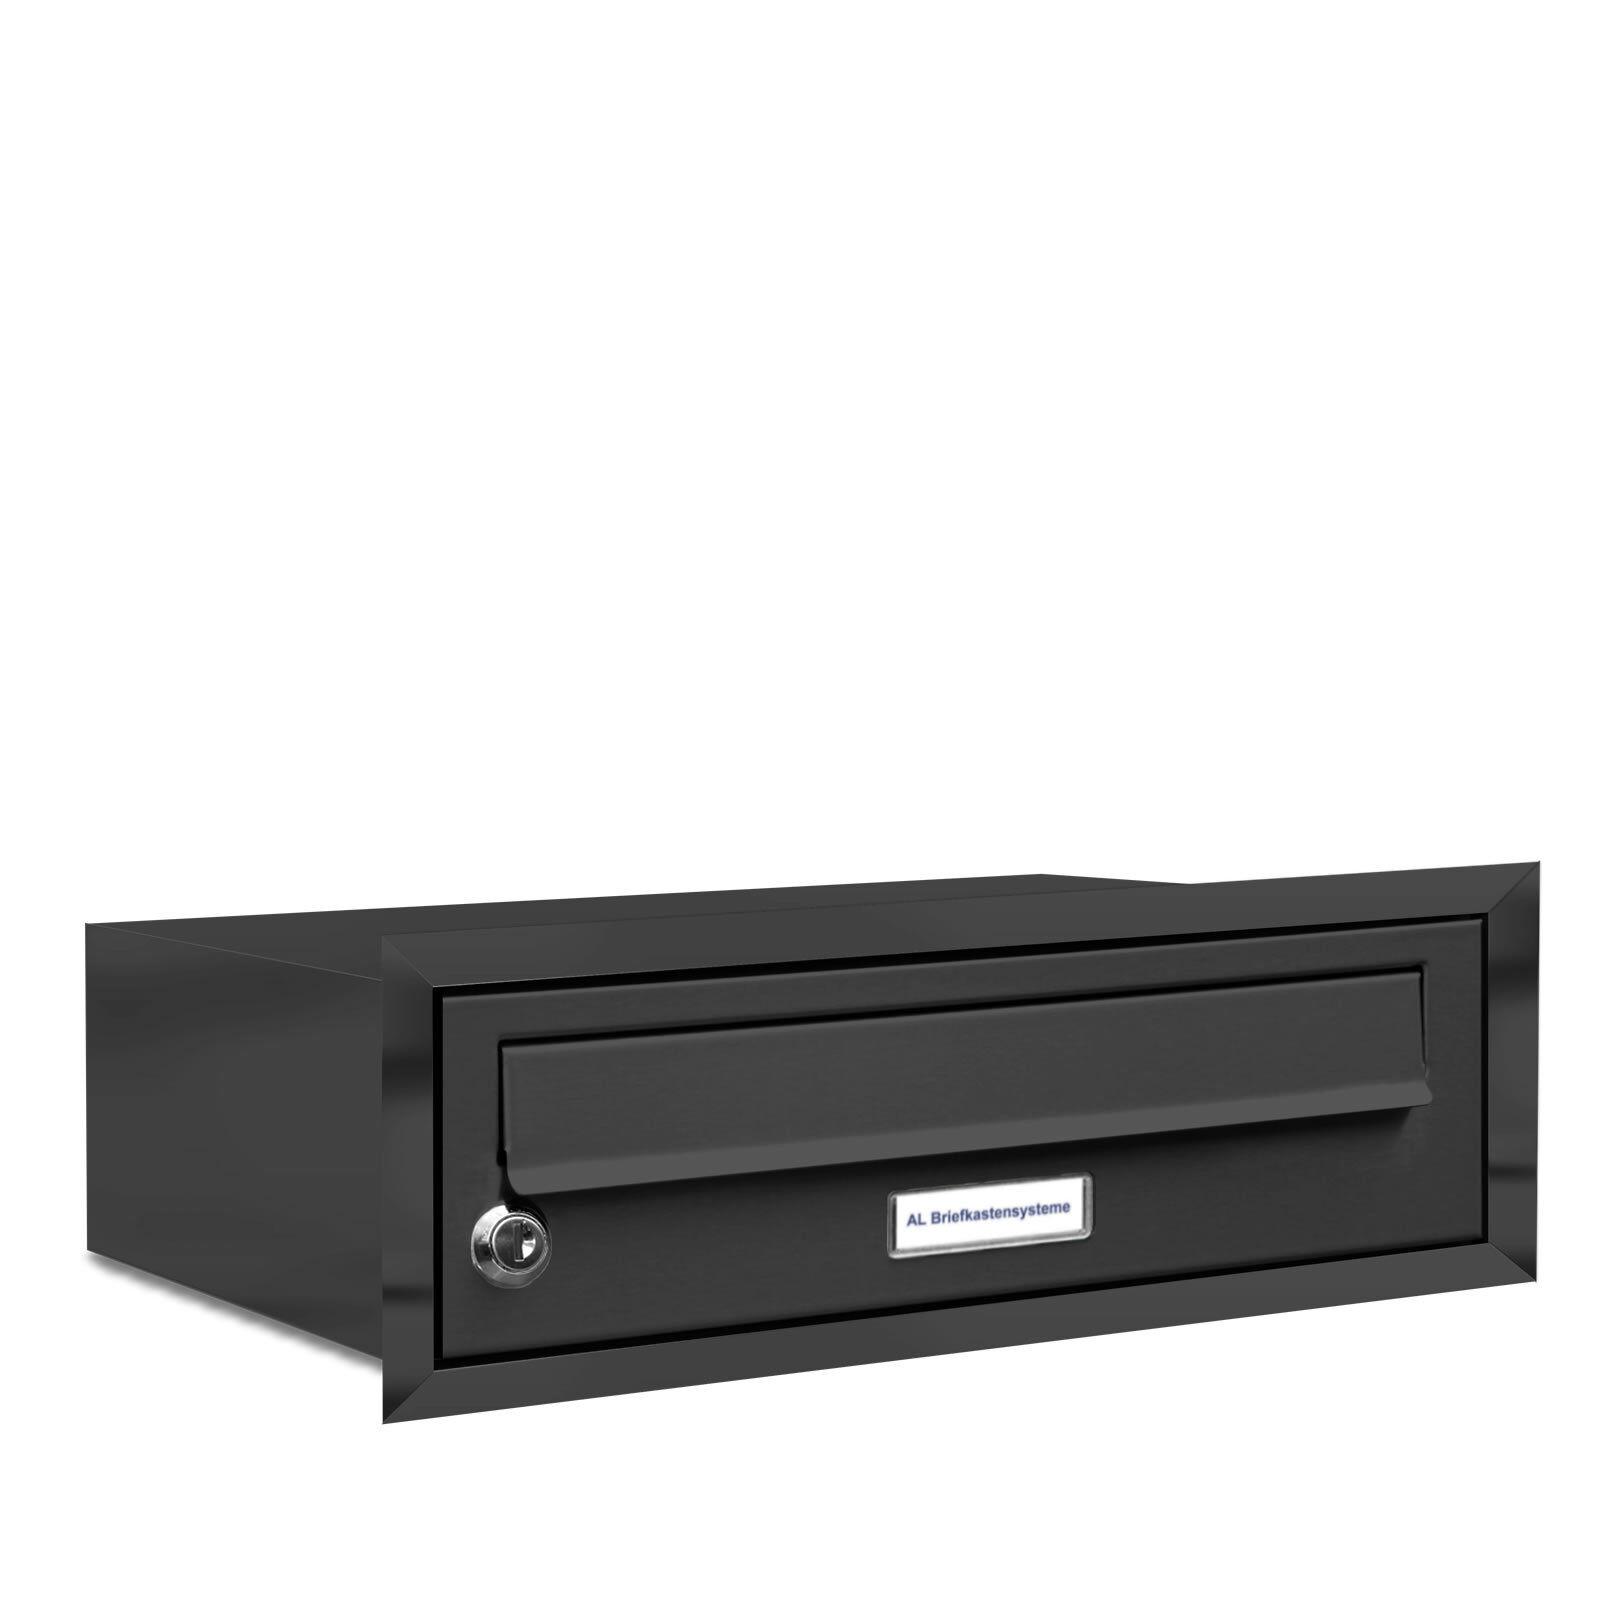 1 er Premium Briefkasten Anthrazit RAL 7016 1 Fach Unterputz Anlage Postkasten